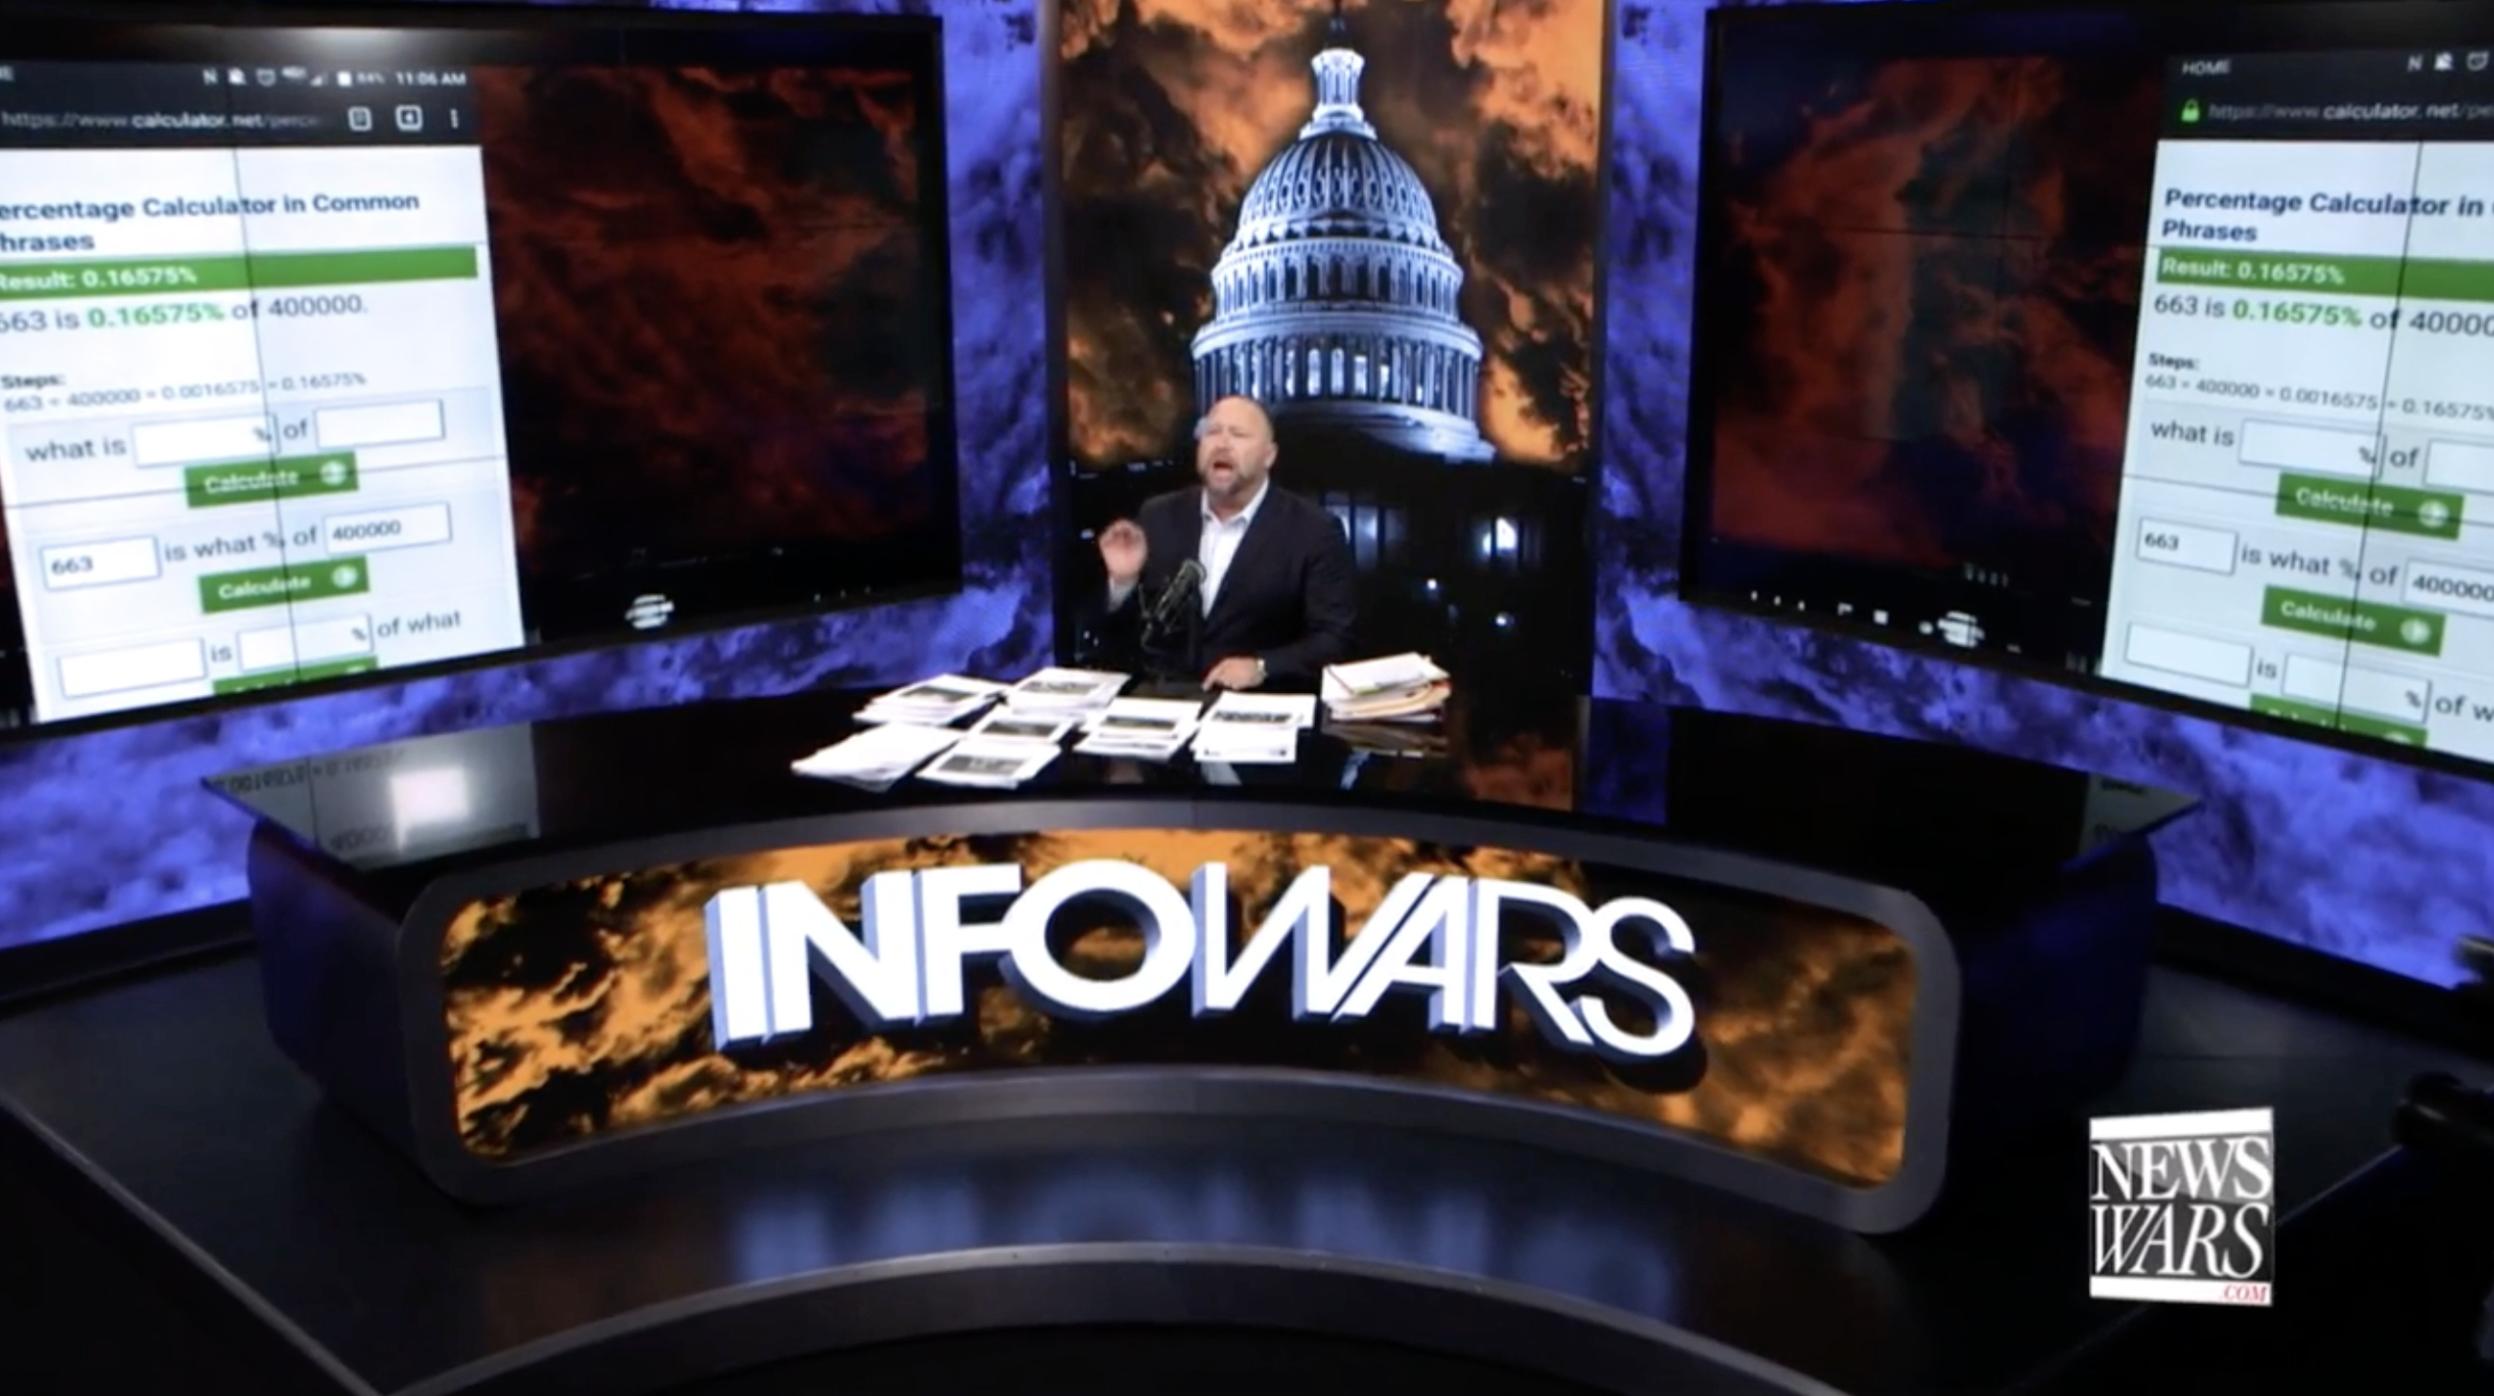 Alex Jones Infowars 4 22 2020 2